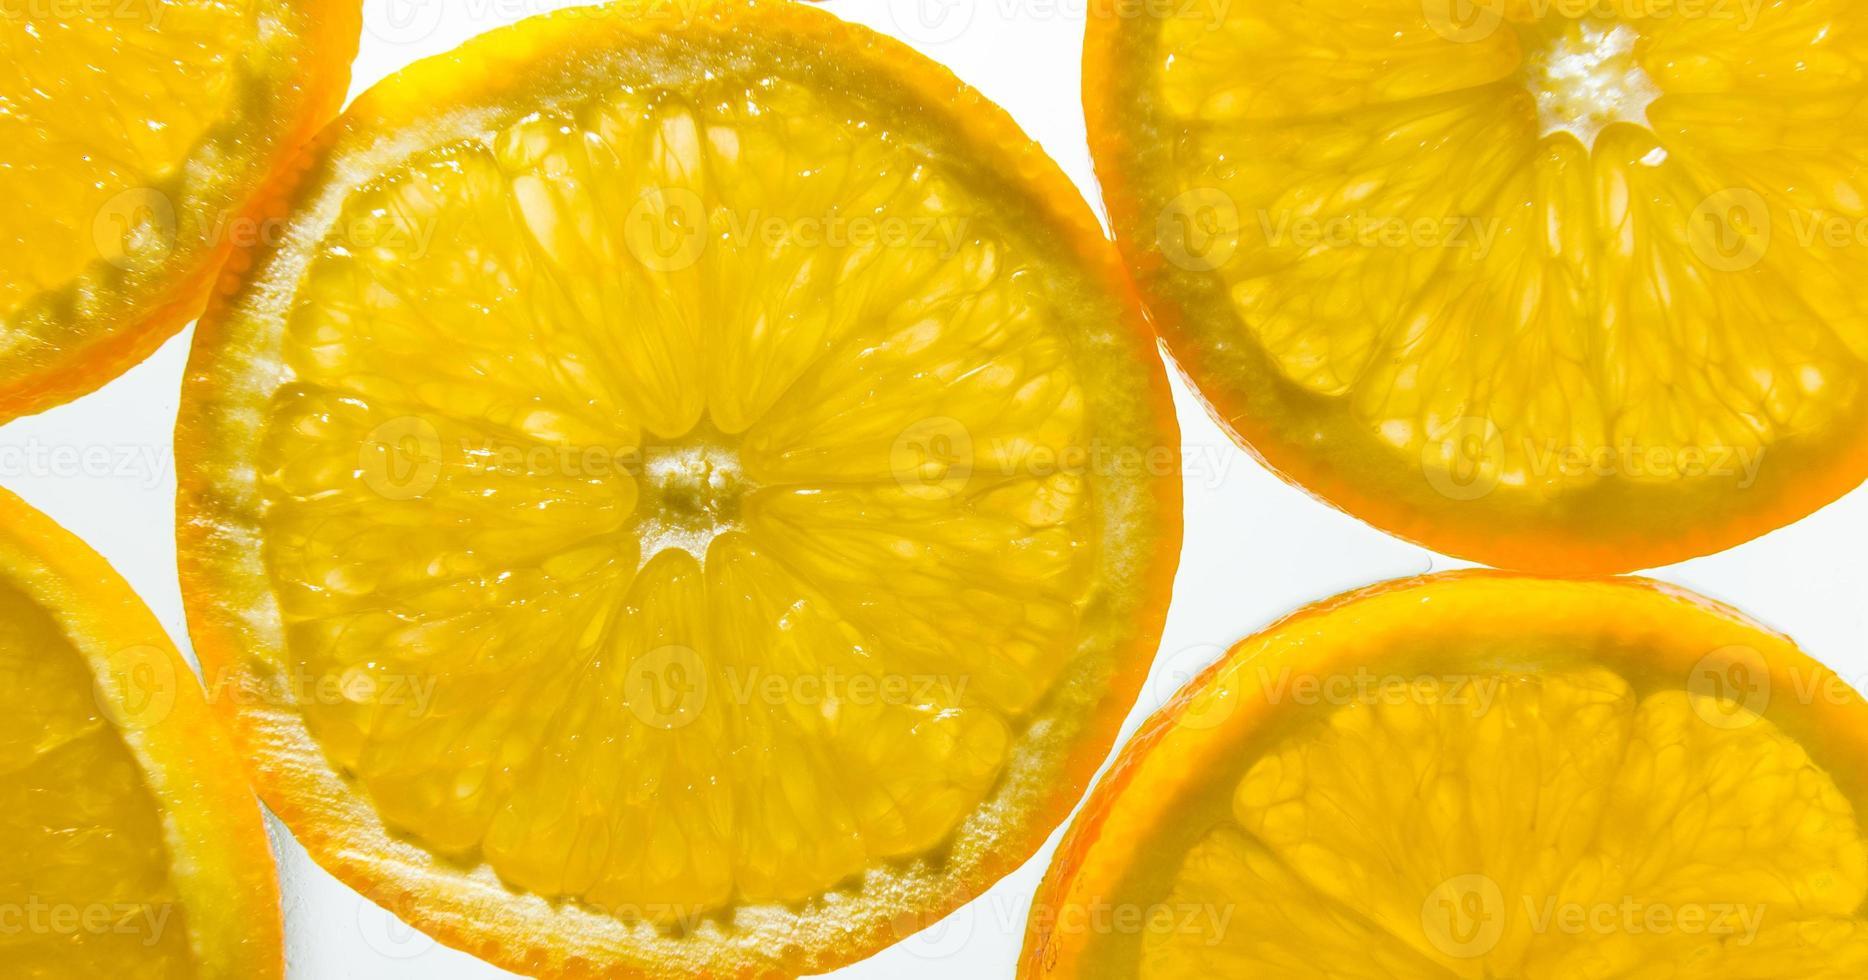 Orange slices arranged photo